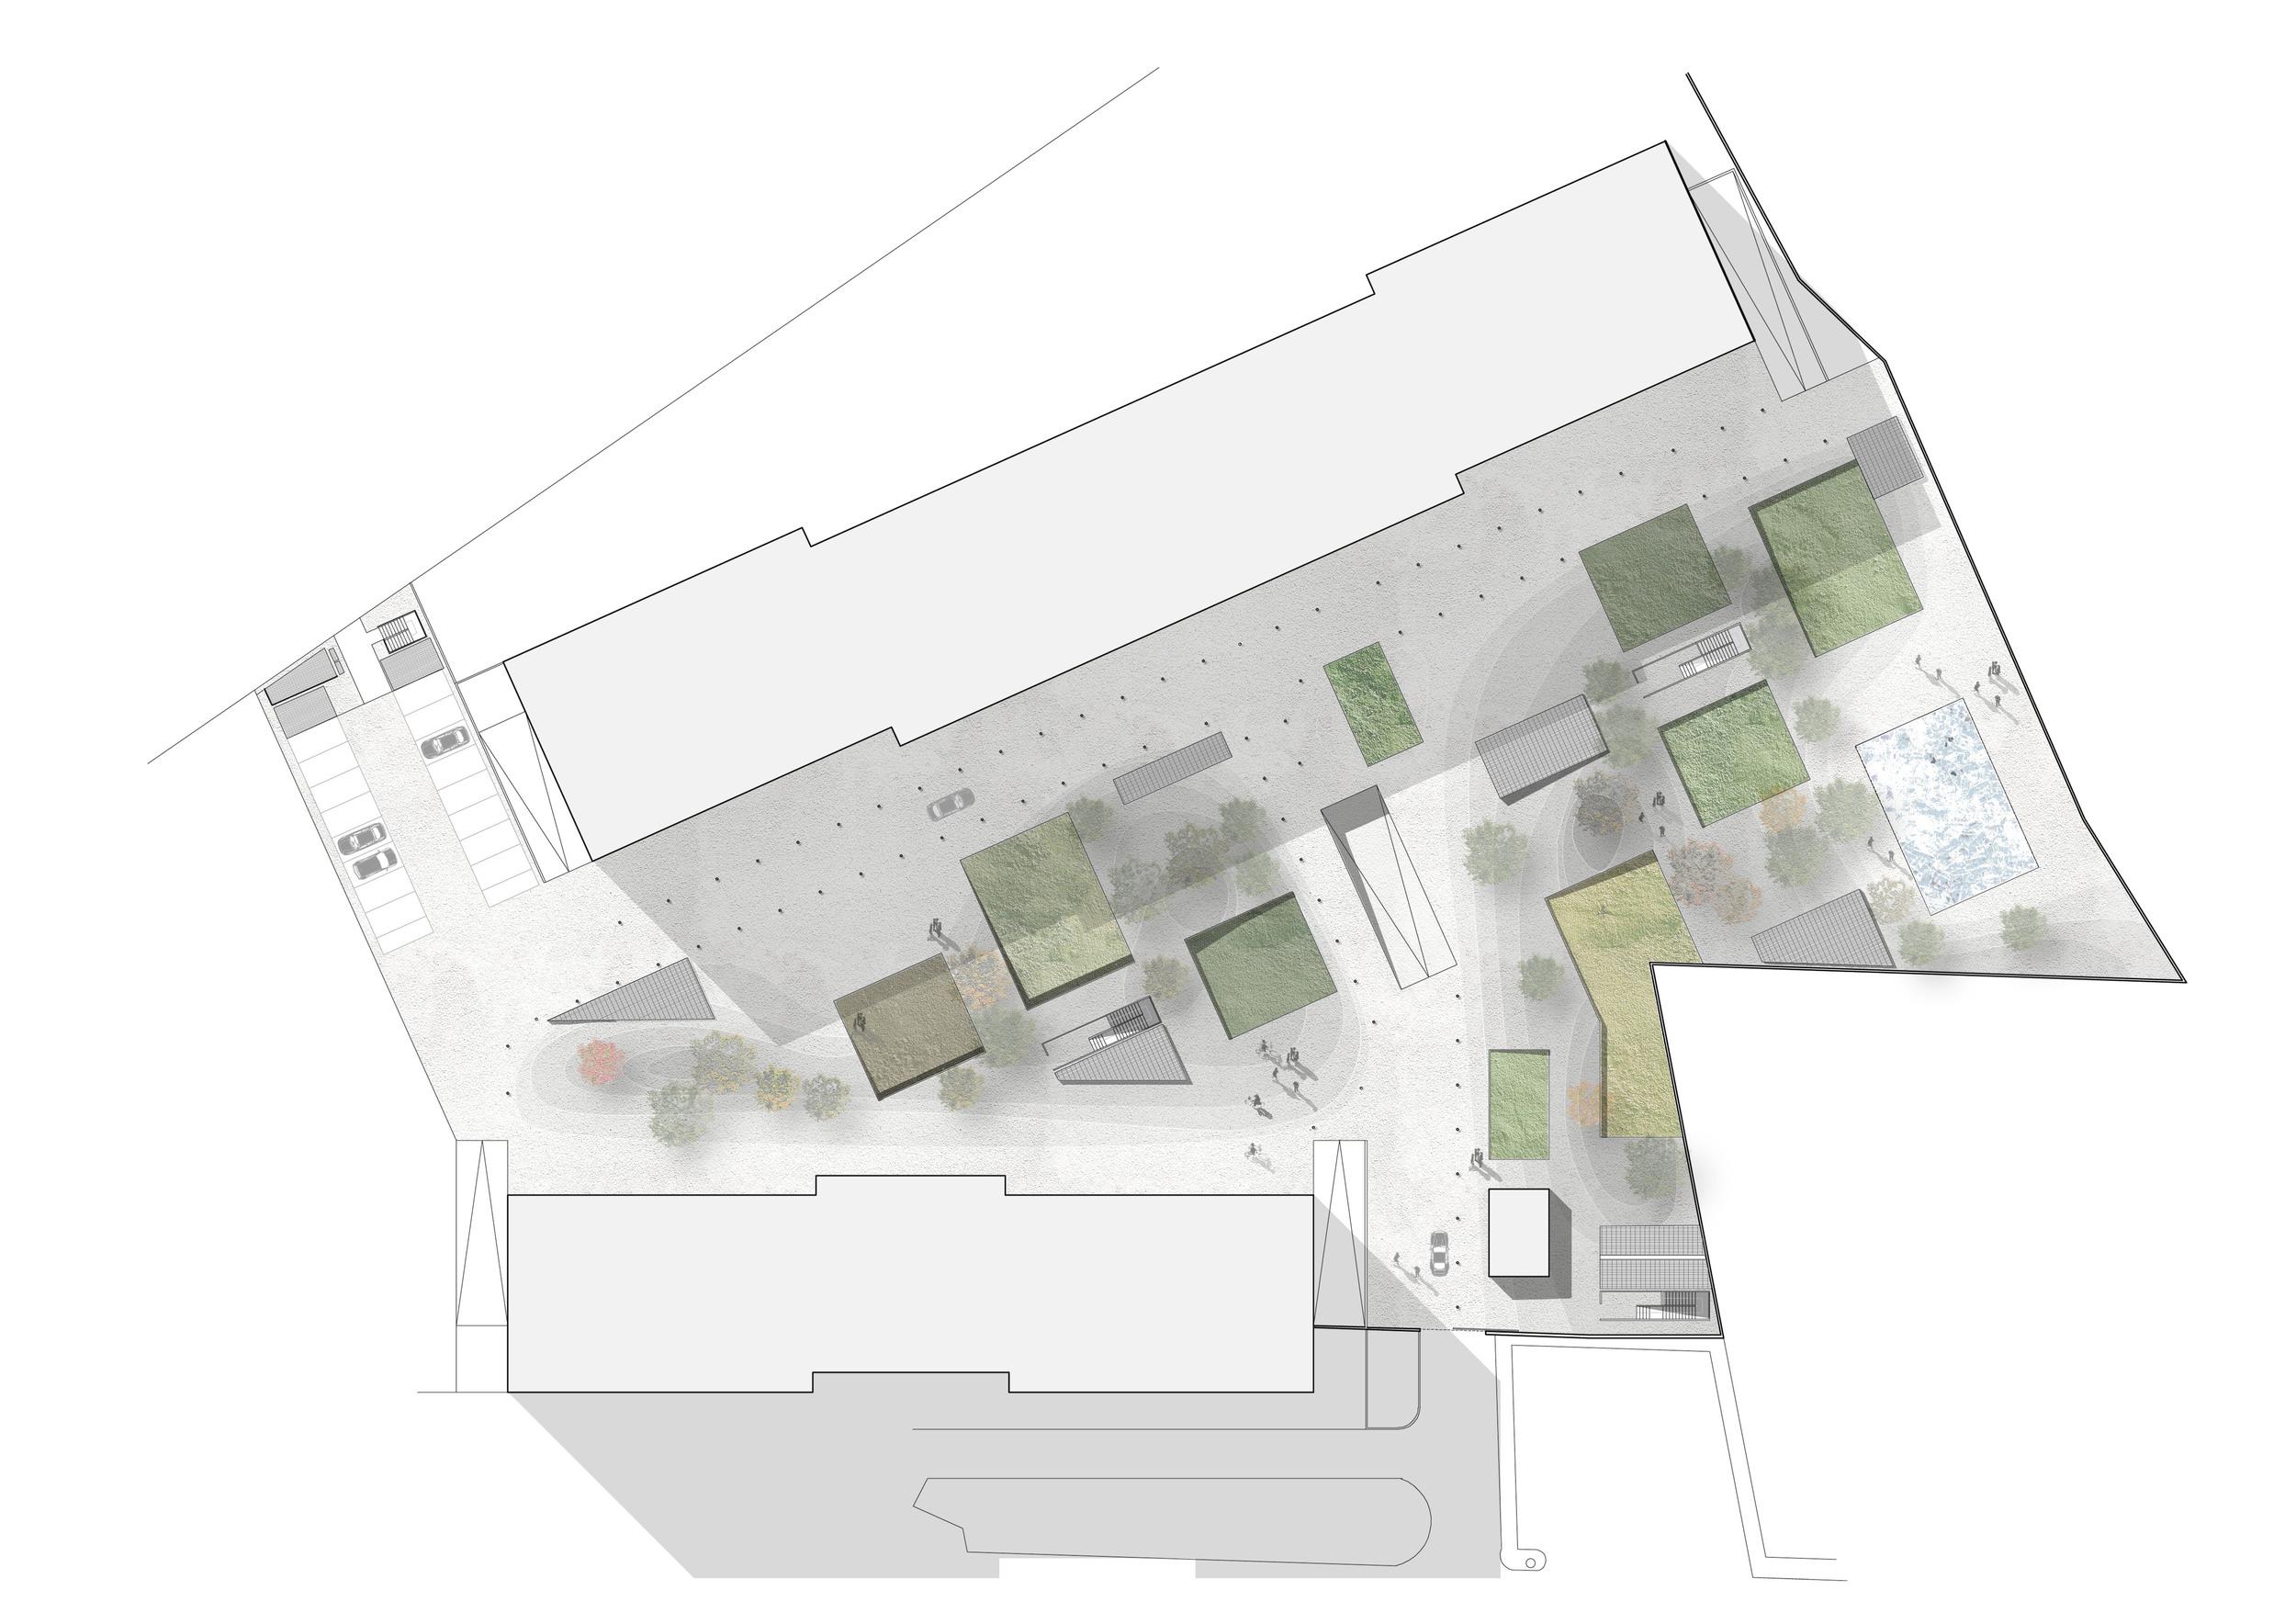 Planimetria dell'intervento al livello del parco condominiale